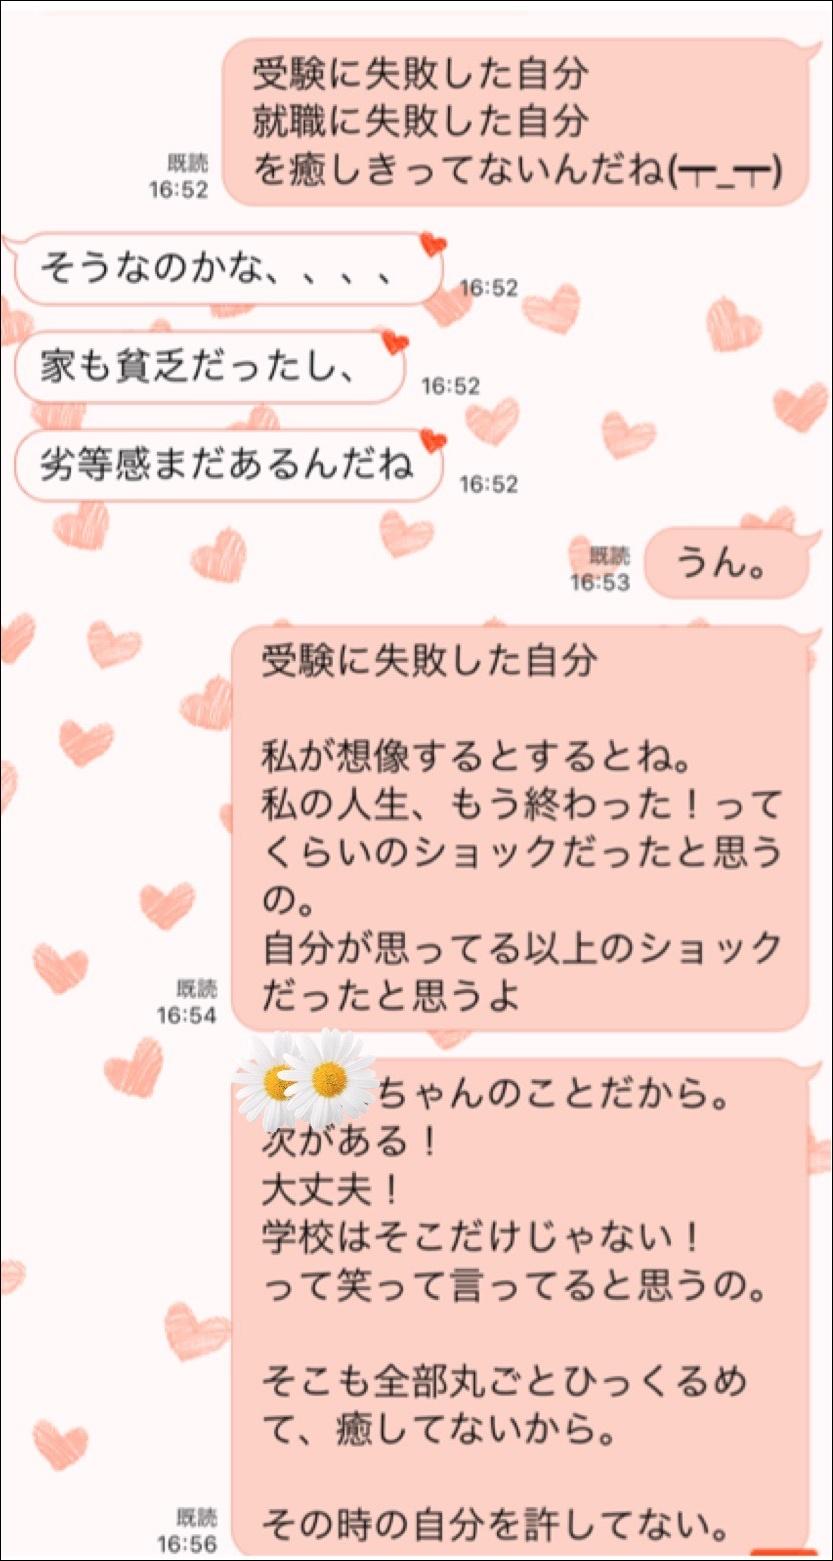 三澤リコLINE内容